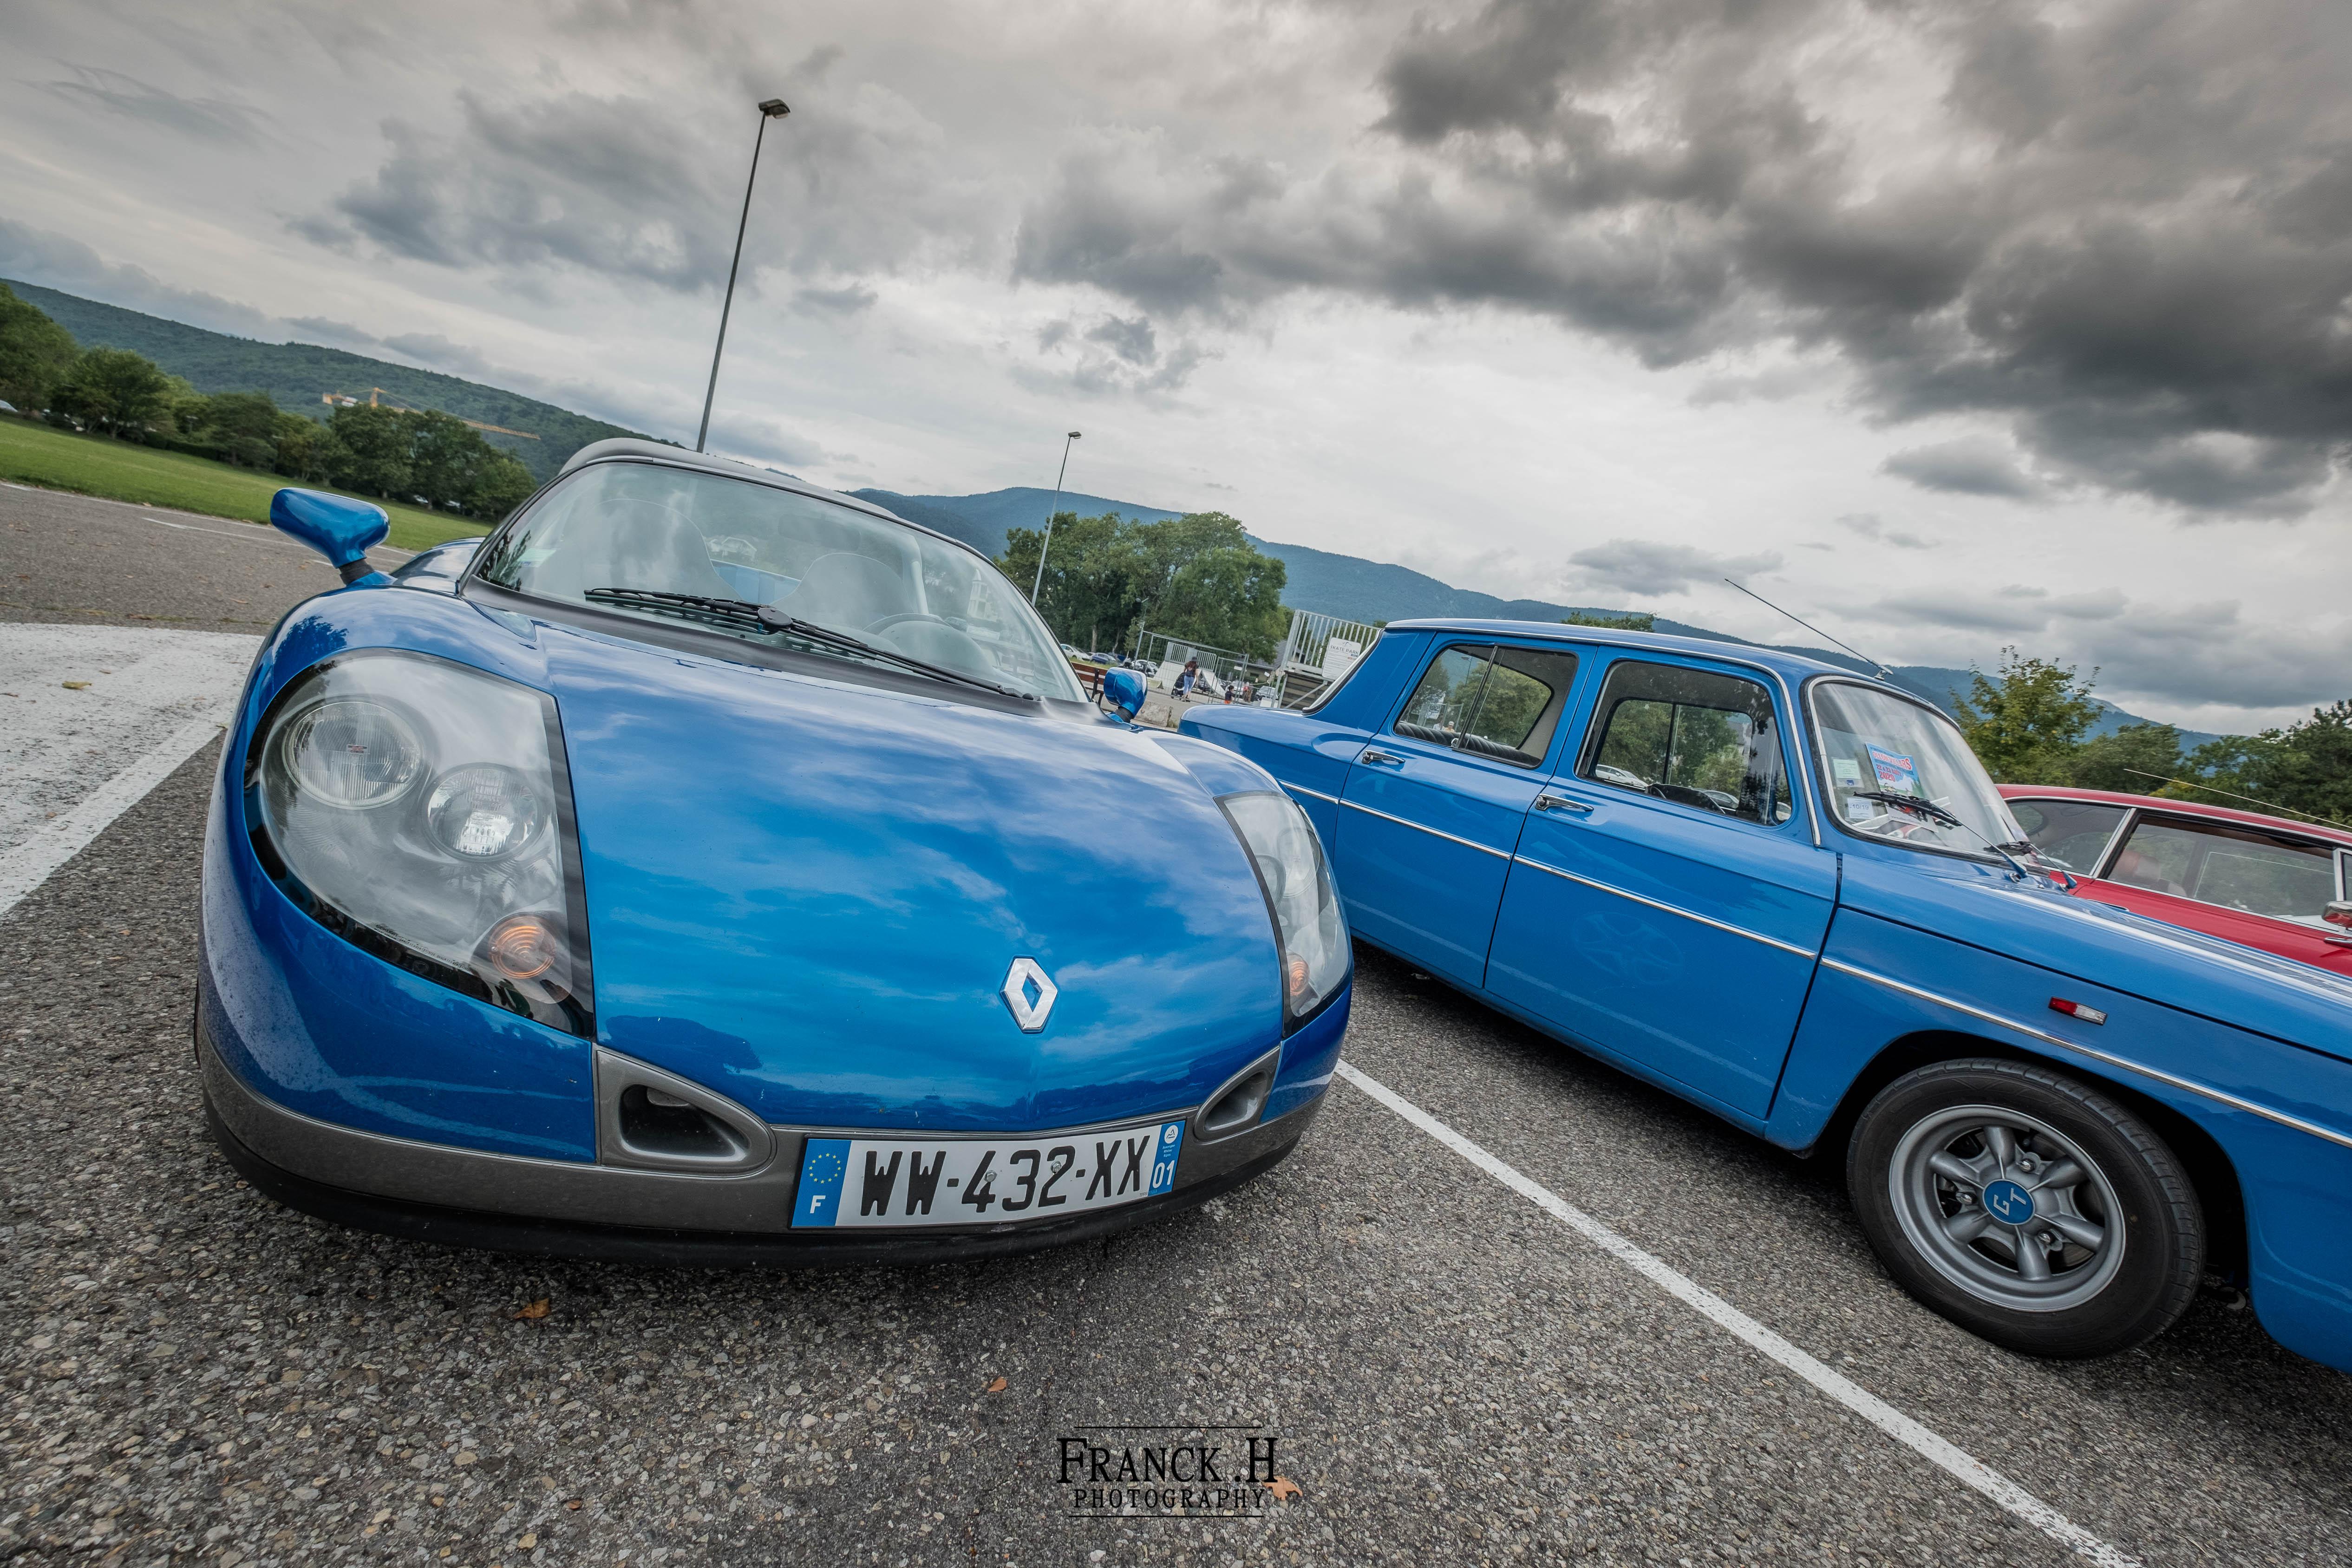 1ère Rencontre Franco Suisse Alpine A110 Divonne Franck H Photography 30 | 1ère Rencontre Franco-Suisse Alpine par Franck H Photography